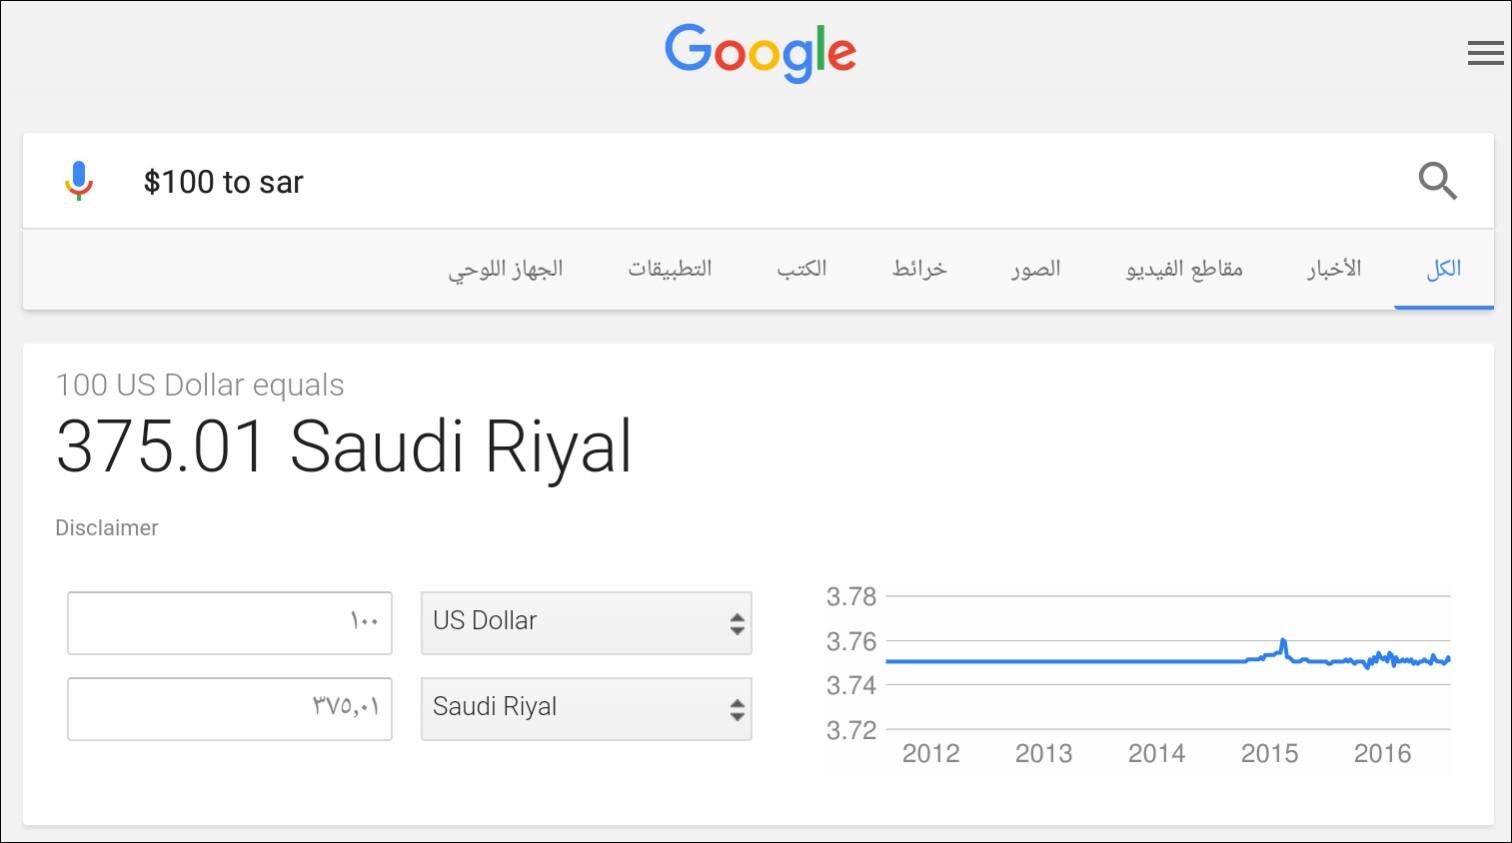 جوجل تمتلك محرك البحث الأول على الإنترنت 687383 المسافرون العرب